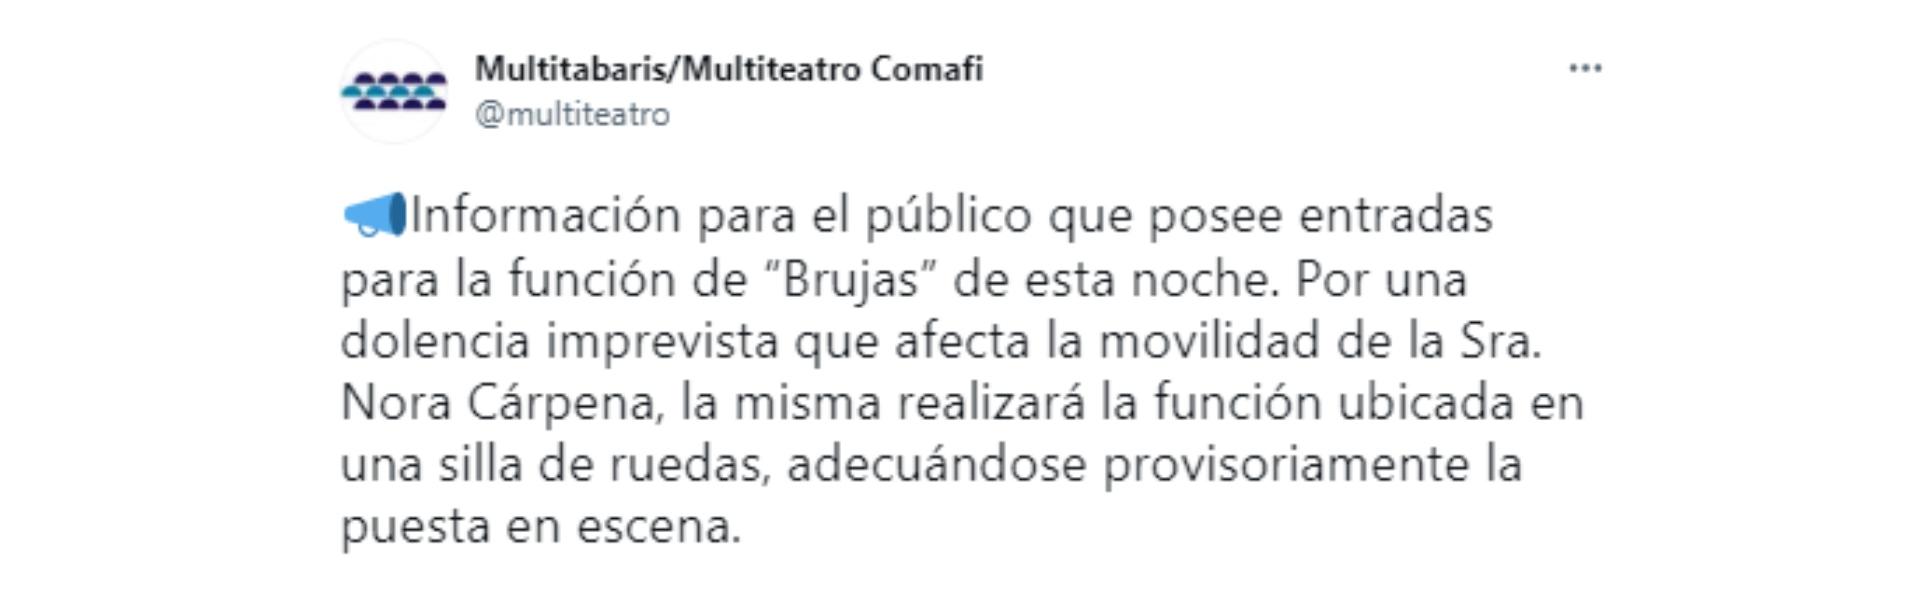 El tweet del Multiteatro informando que Nora Cárpena hará la función de este domingo en silla de ruedas